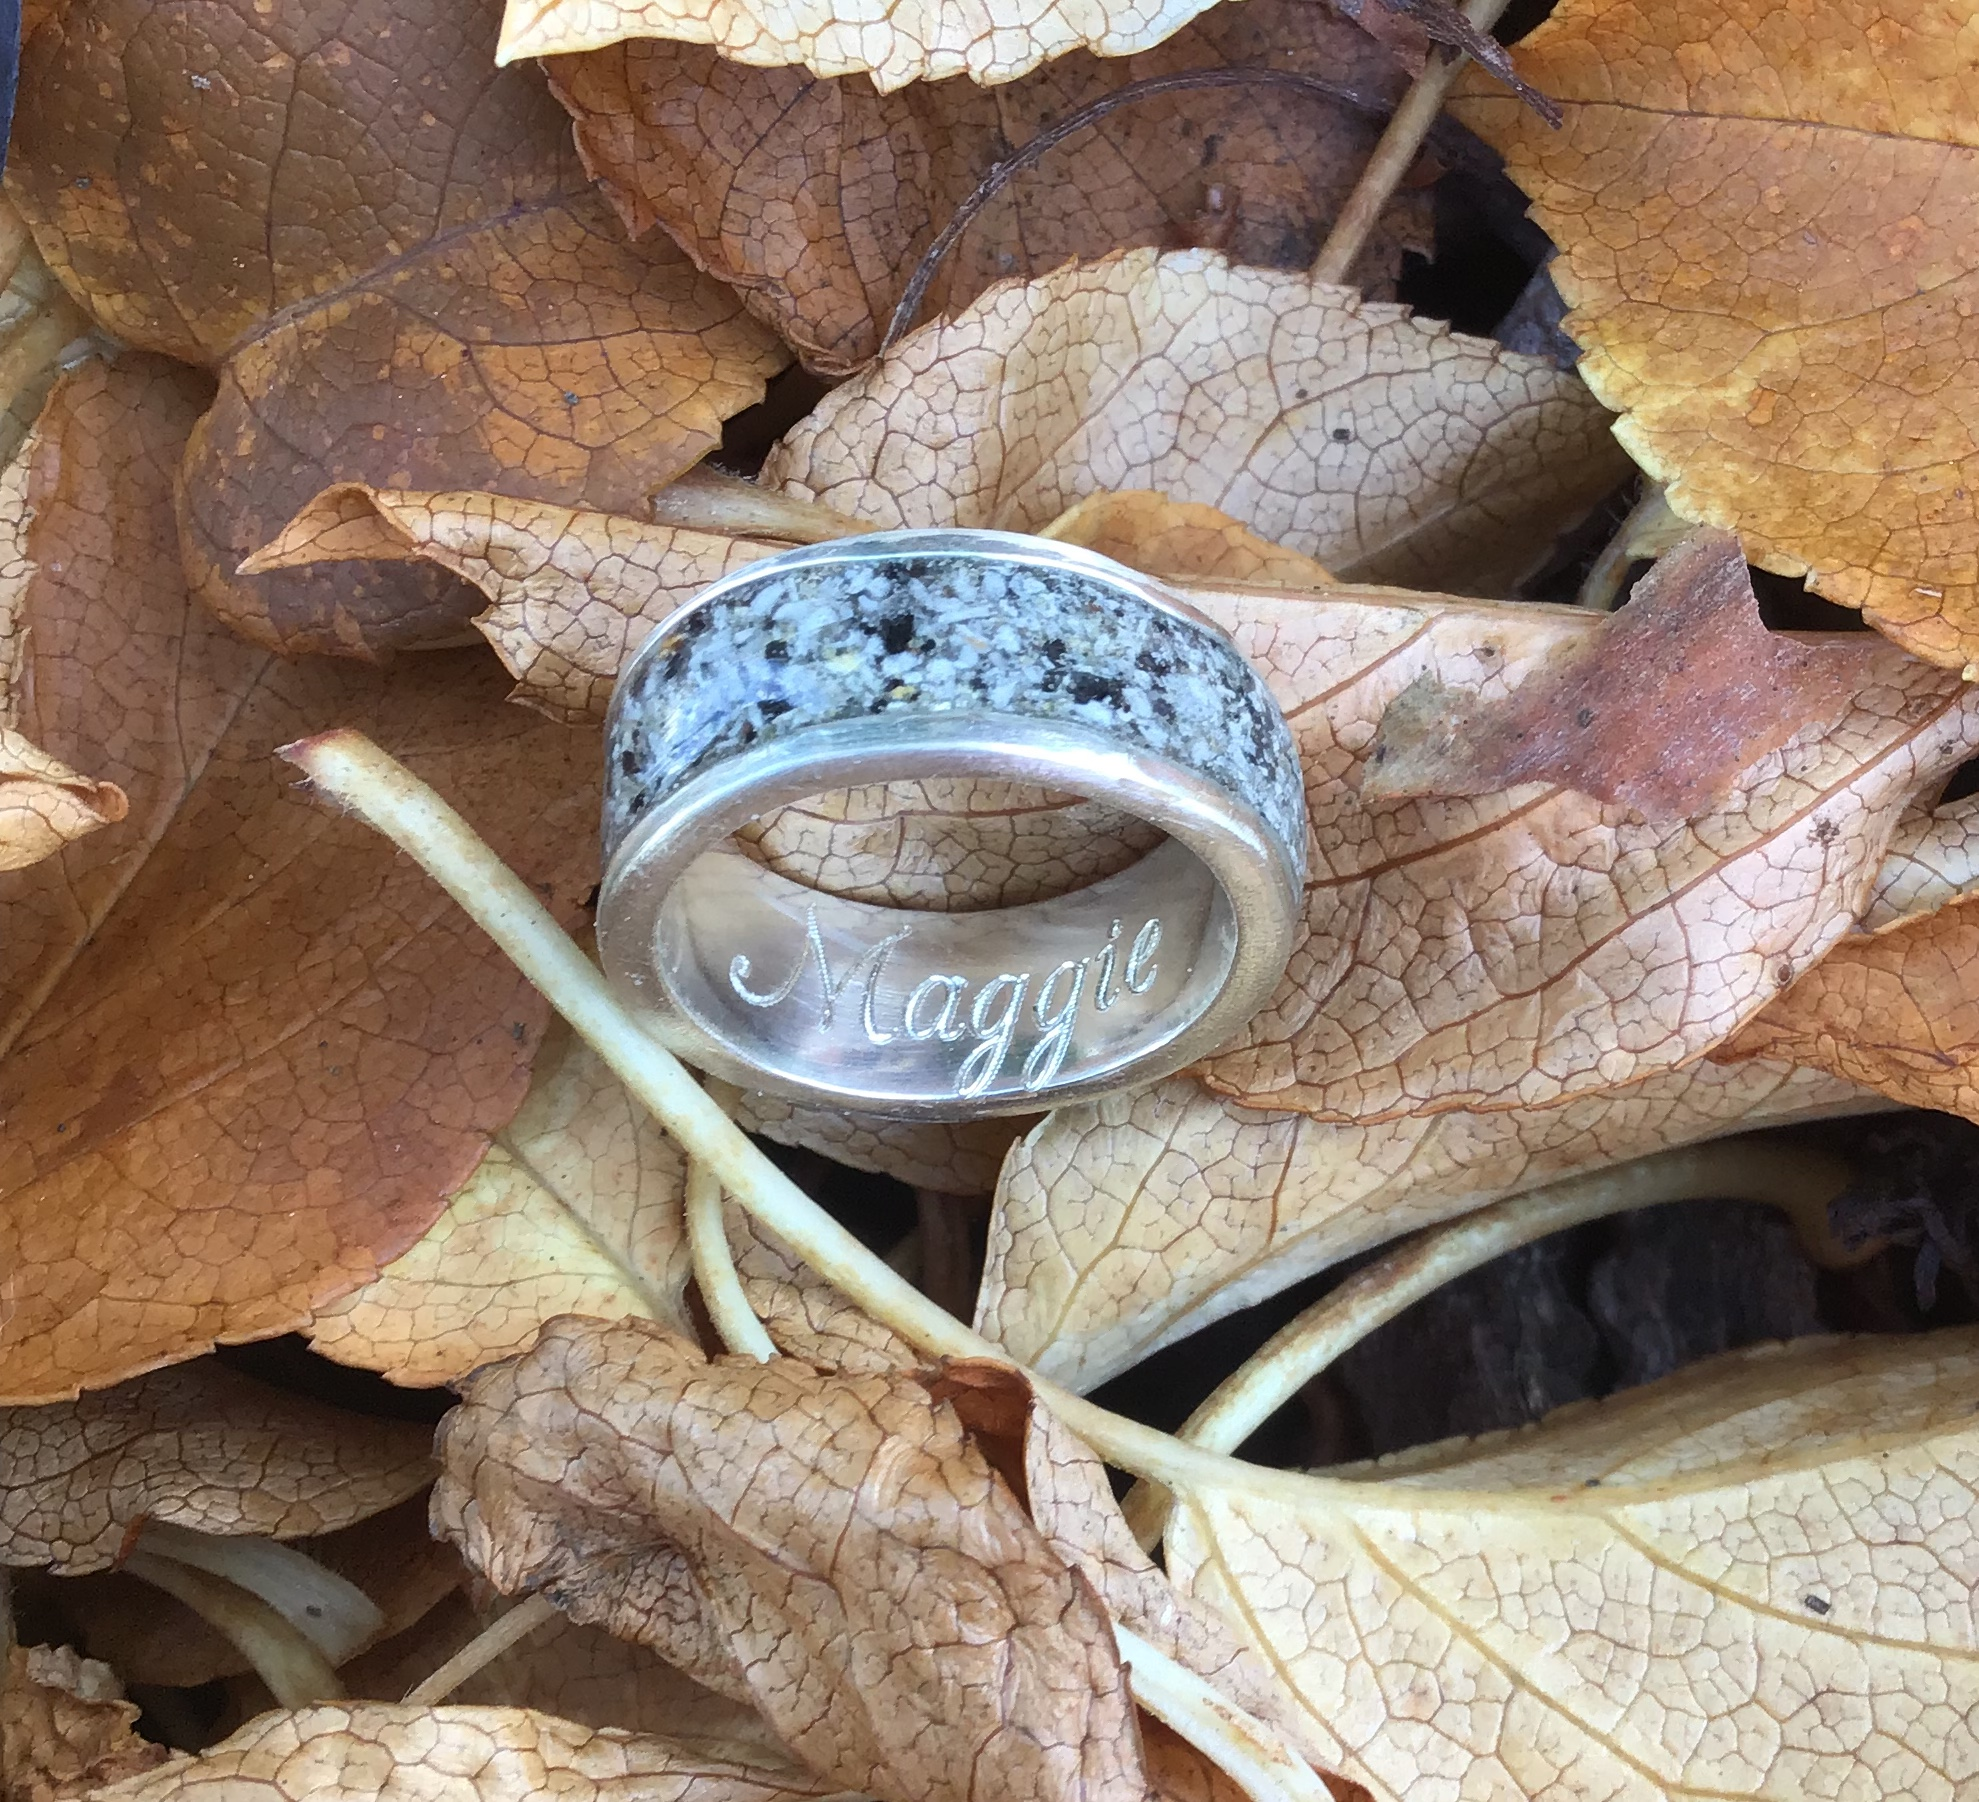 Breite 925 silberne Ring ,ohne gravur Engel ca 4 mm  * 48,- Alle angegebenen Preise sind Gesamtpreise (ggf. zzgl. Versandkosten).